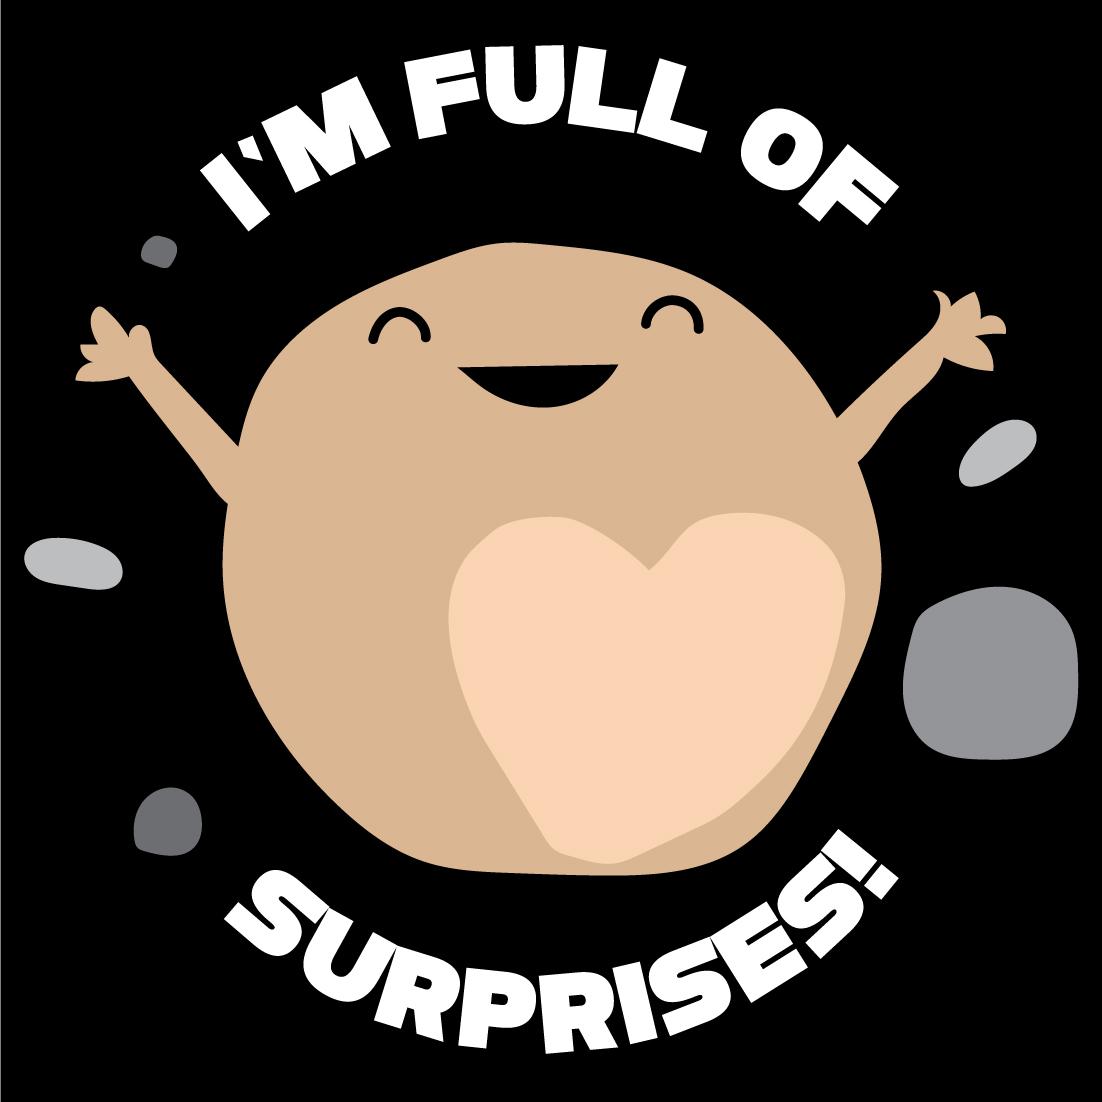 Surprises avatar